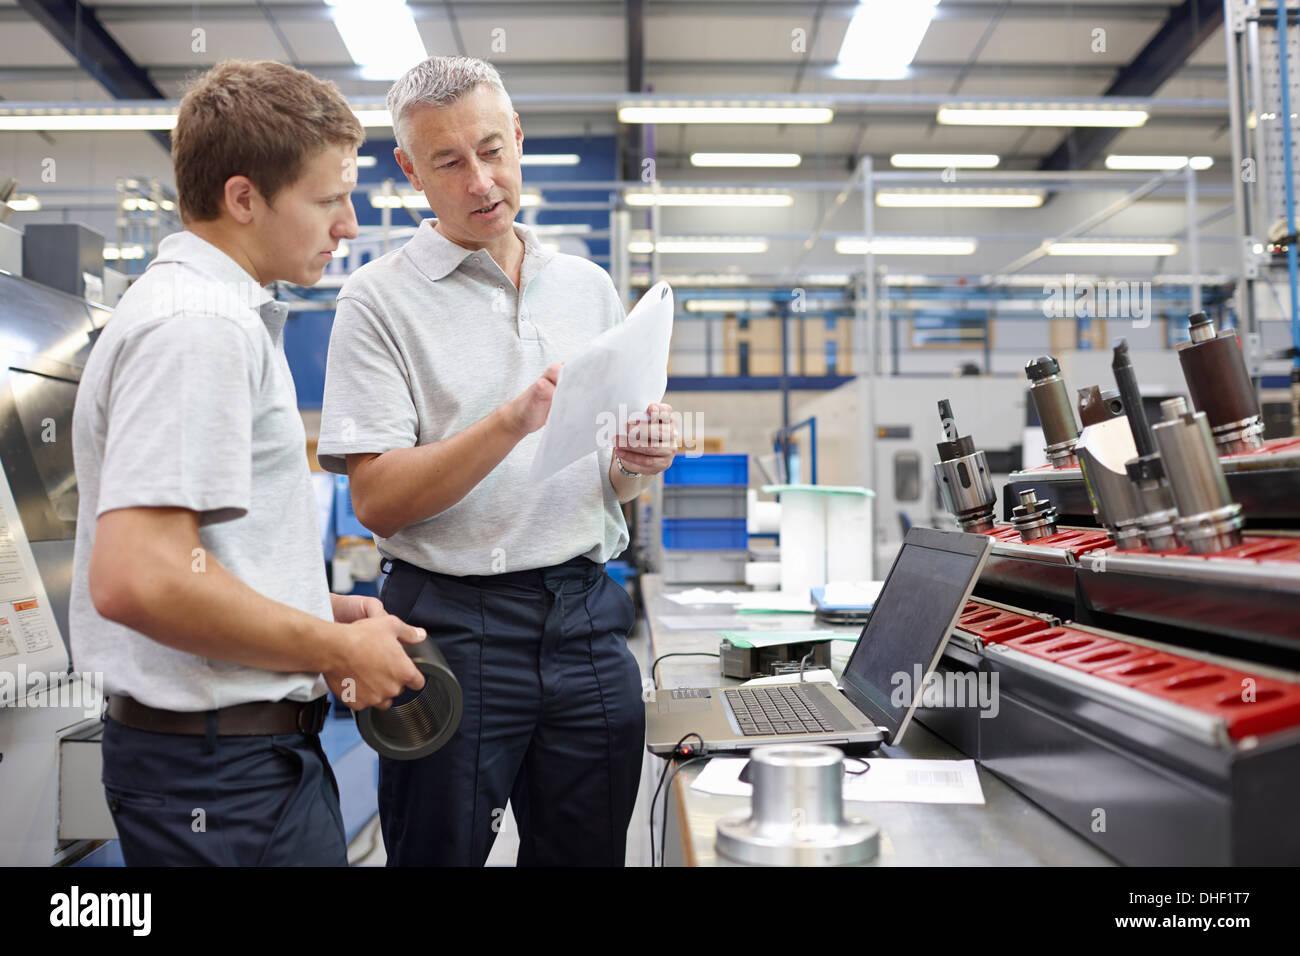 Travailleur et gestionnaire en ingénierie warehouse Photo Stock